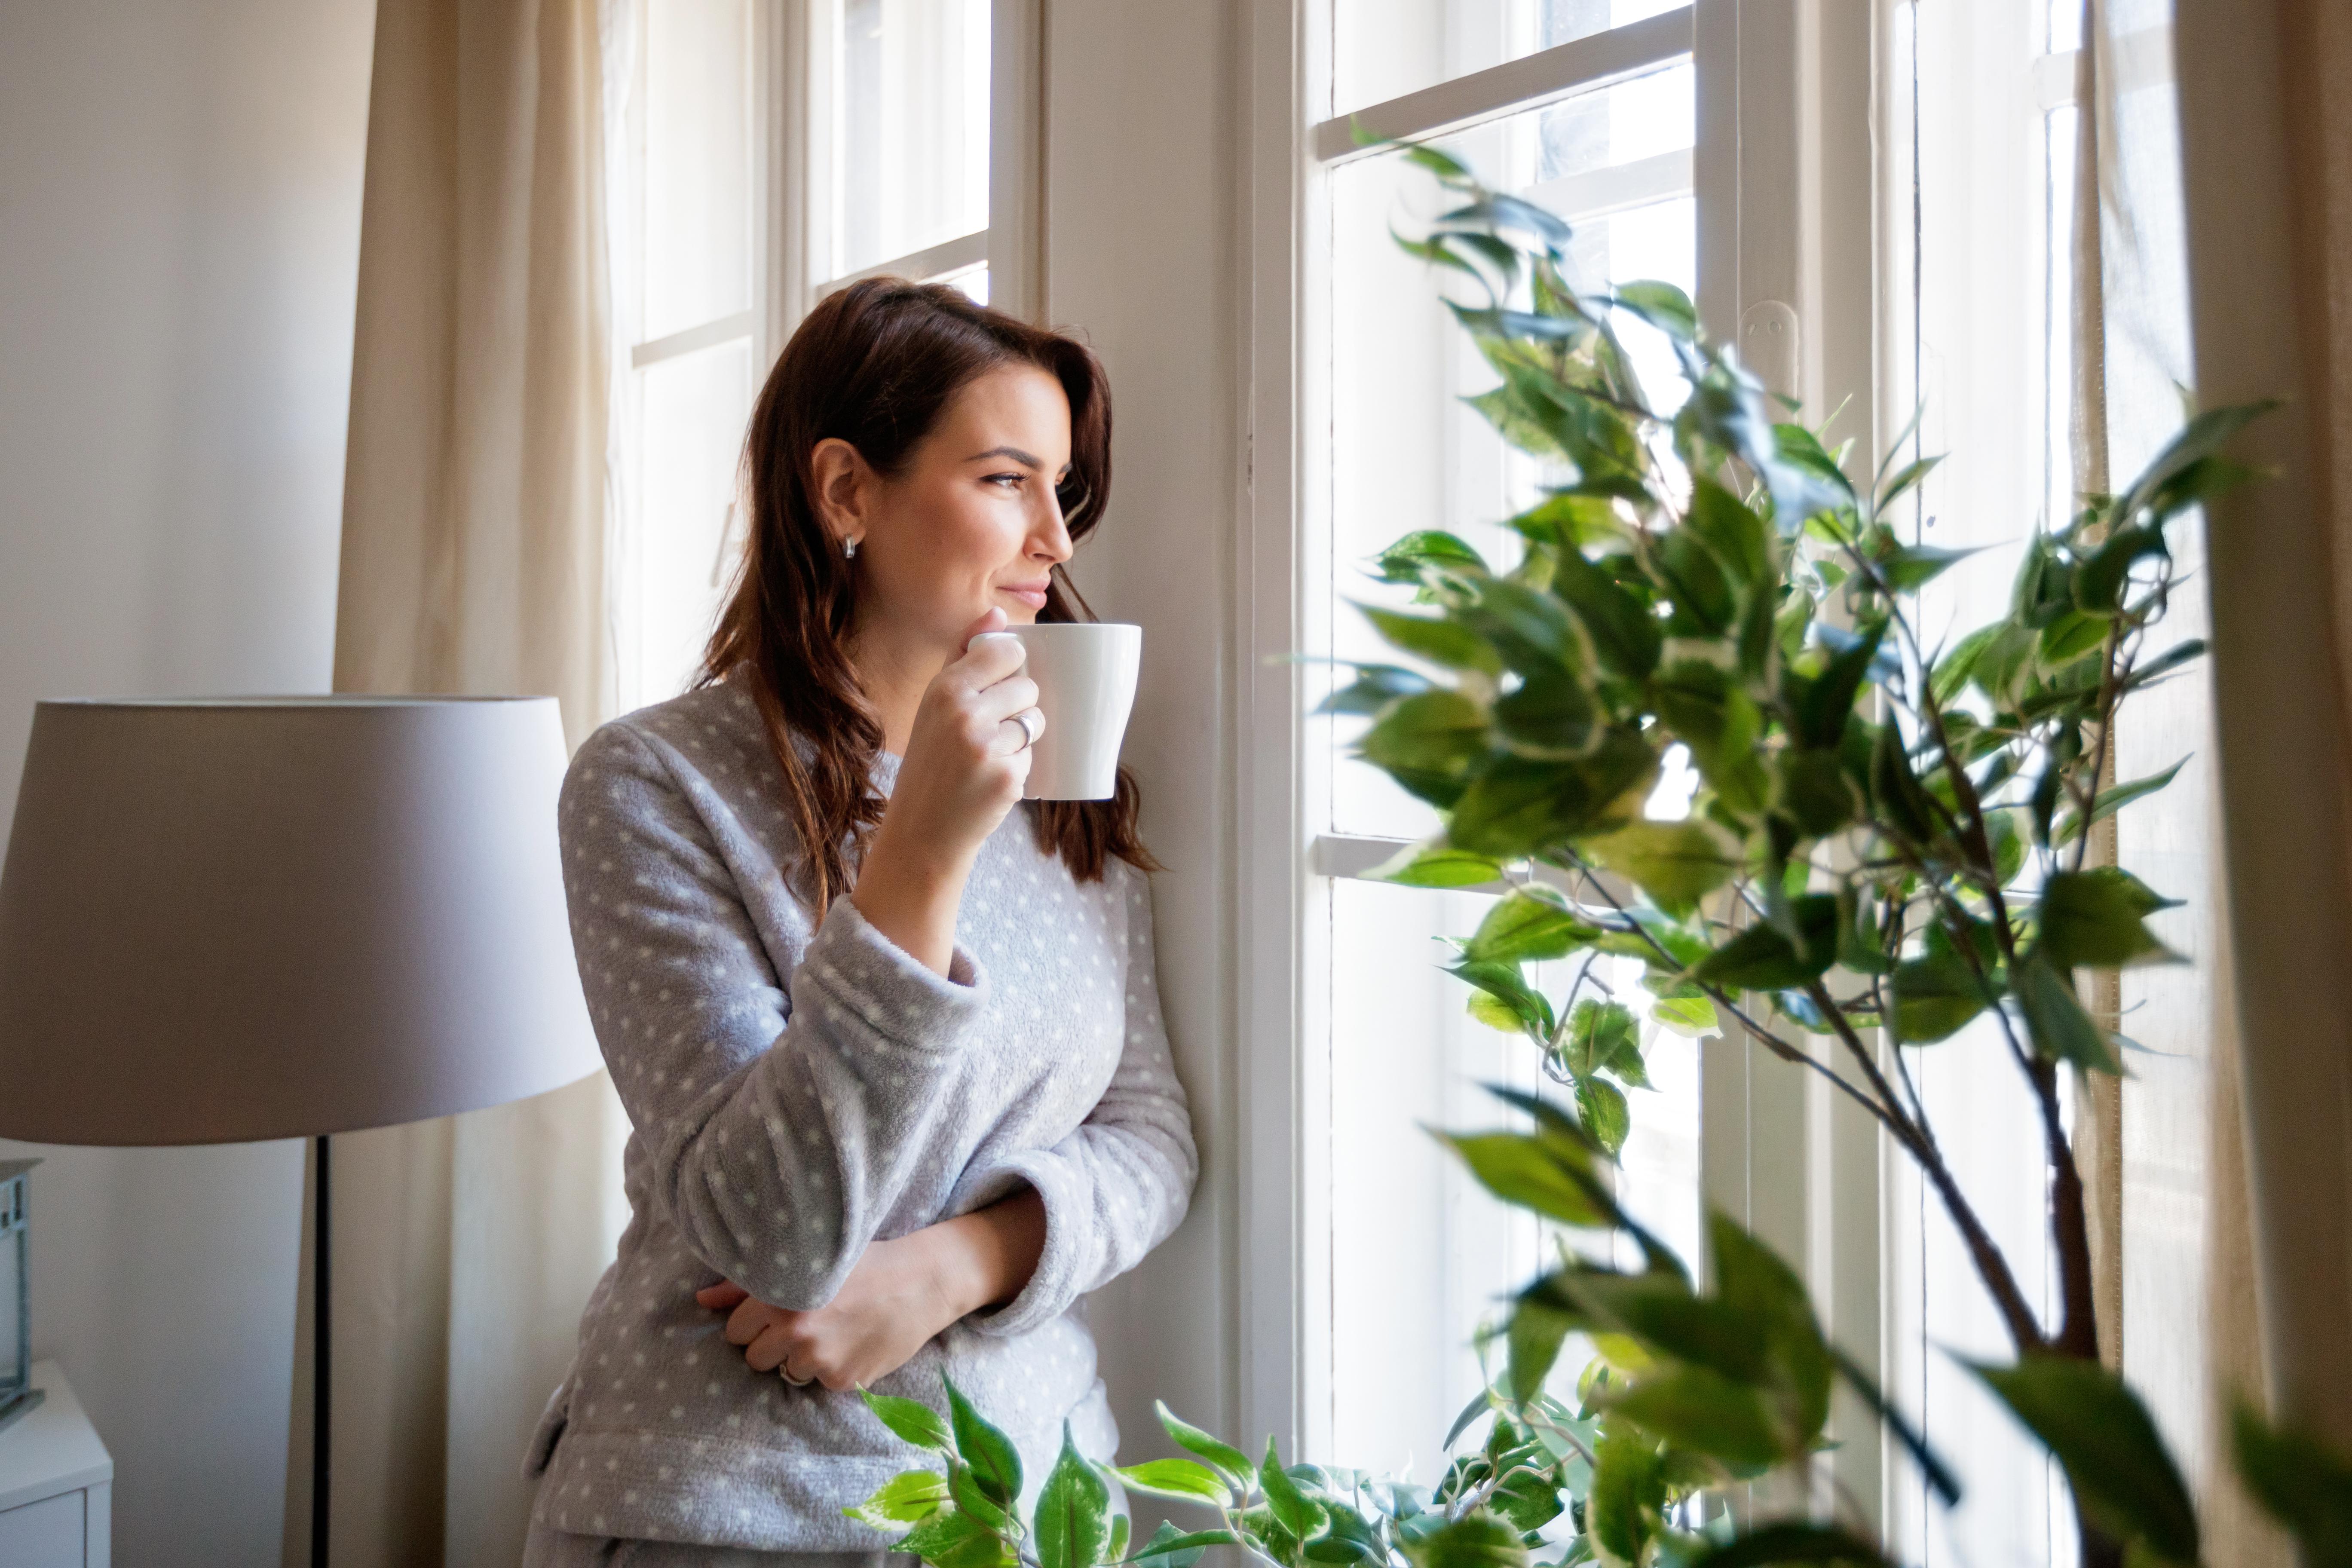 <p>Овен Важно е всяка сутрин да отделяте по 20 минути за себе си - за кафе, душ, музика. Каквото и да ви кажат другите - пренебрегвайте ги. Ако искате нещо истински, поработете над това, защото не ви е в кръвта да се отказвате или да падате духом. Престанете да се стараете за отношения, които не ви водят на никъде и не ви носят нищо. Всеки ден ходете, карайте колело или правете нещо съвсем различно. Противно на това, в което вярвате, изморени сте, защото не сте достатъчно активни. Не се страхувайте от мислите в главата си, приемете ги и така ще бъдете по-малко нервни.</p>